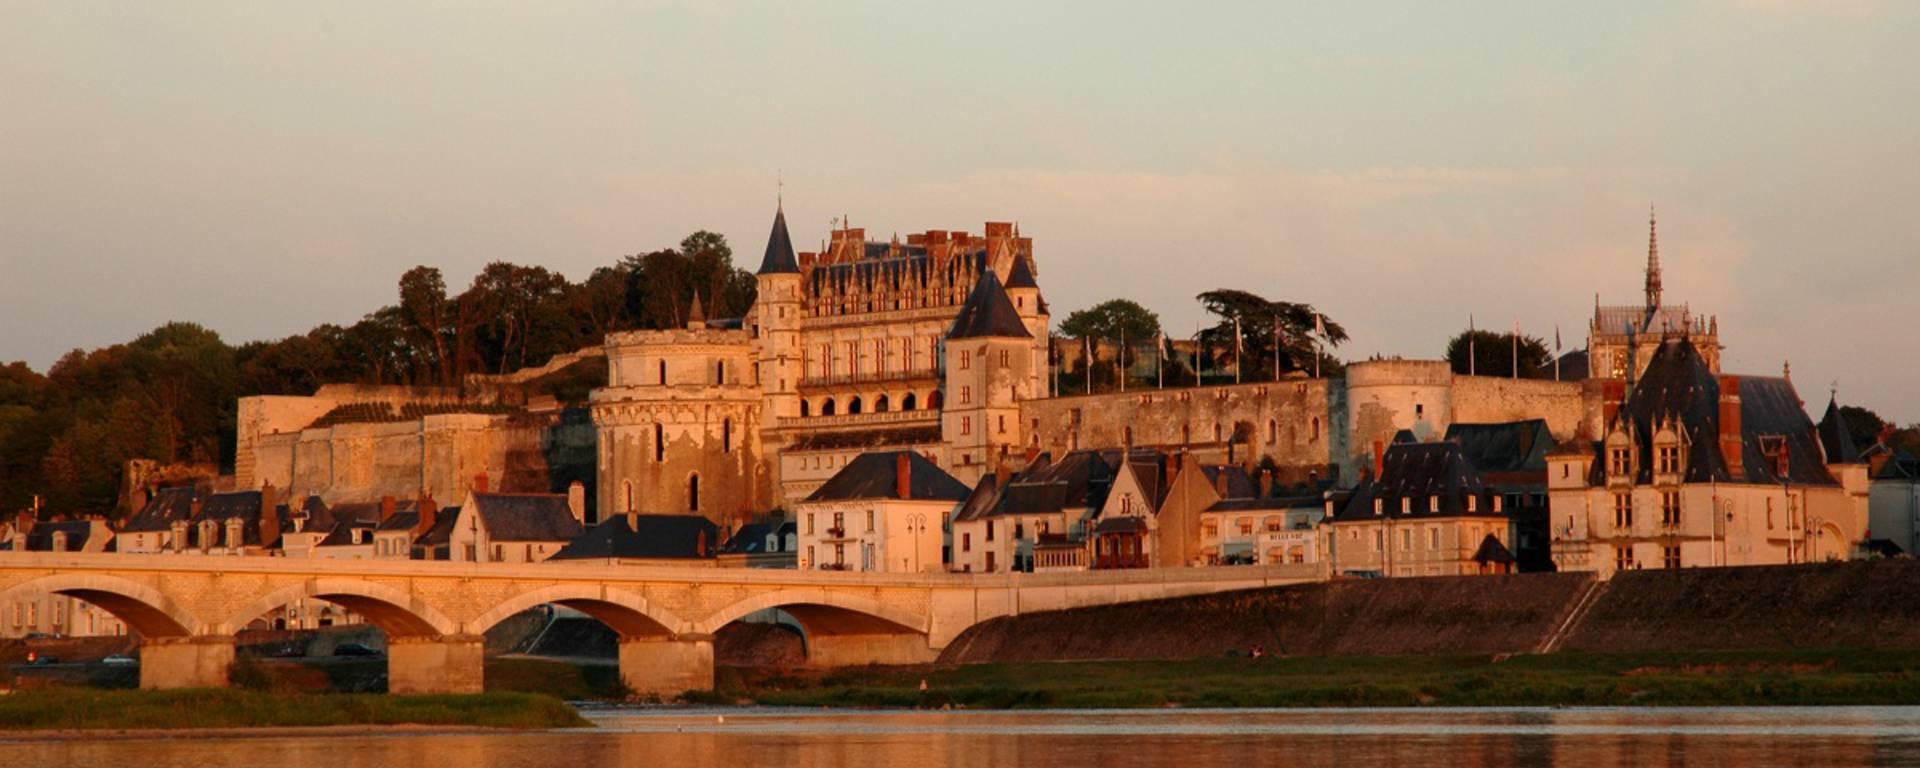 Vue générale du château d'Amboise. © JF Le Scour